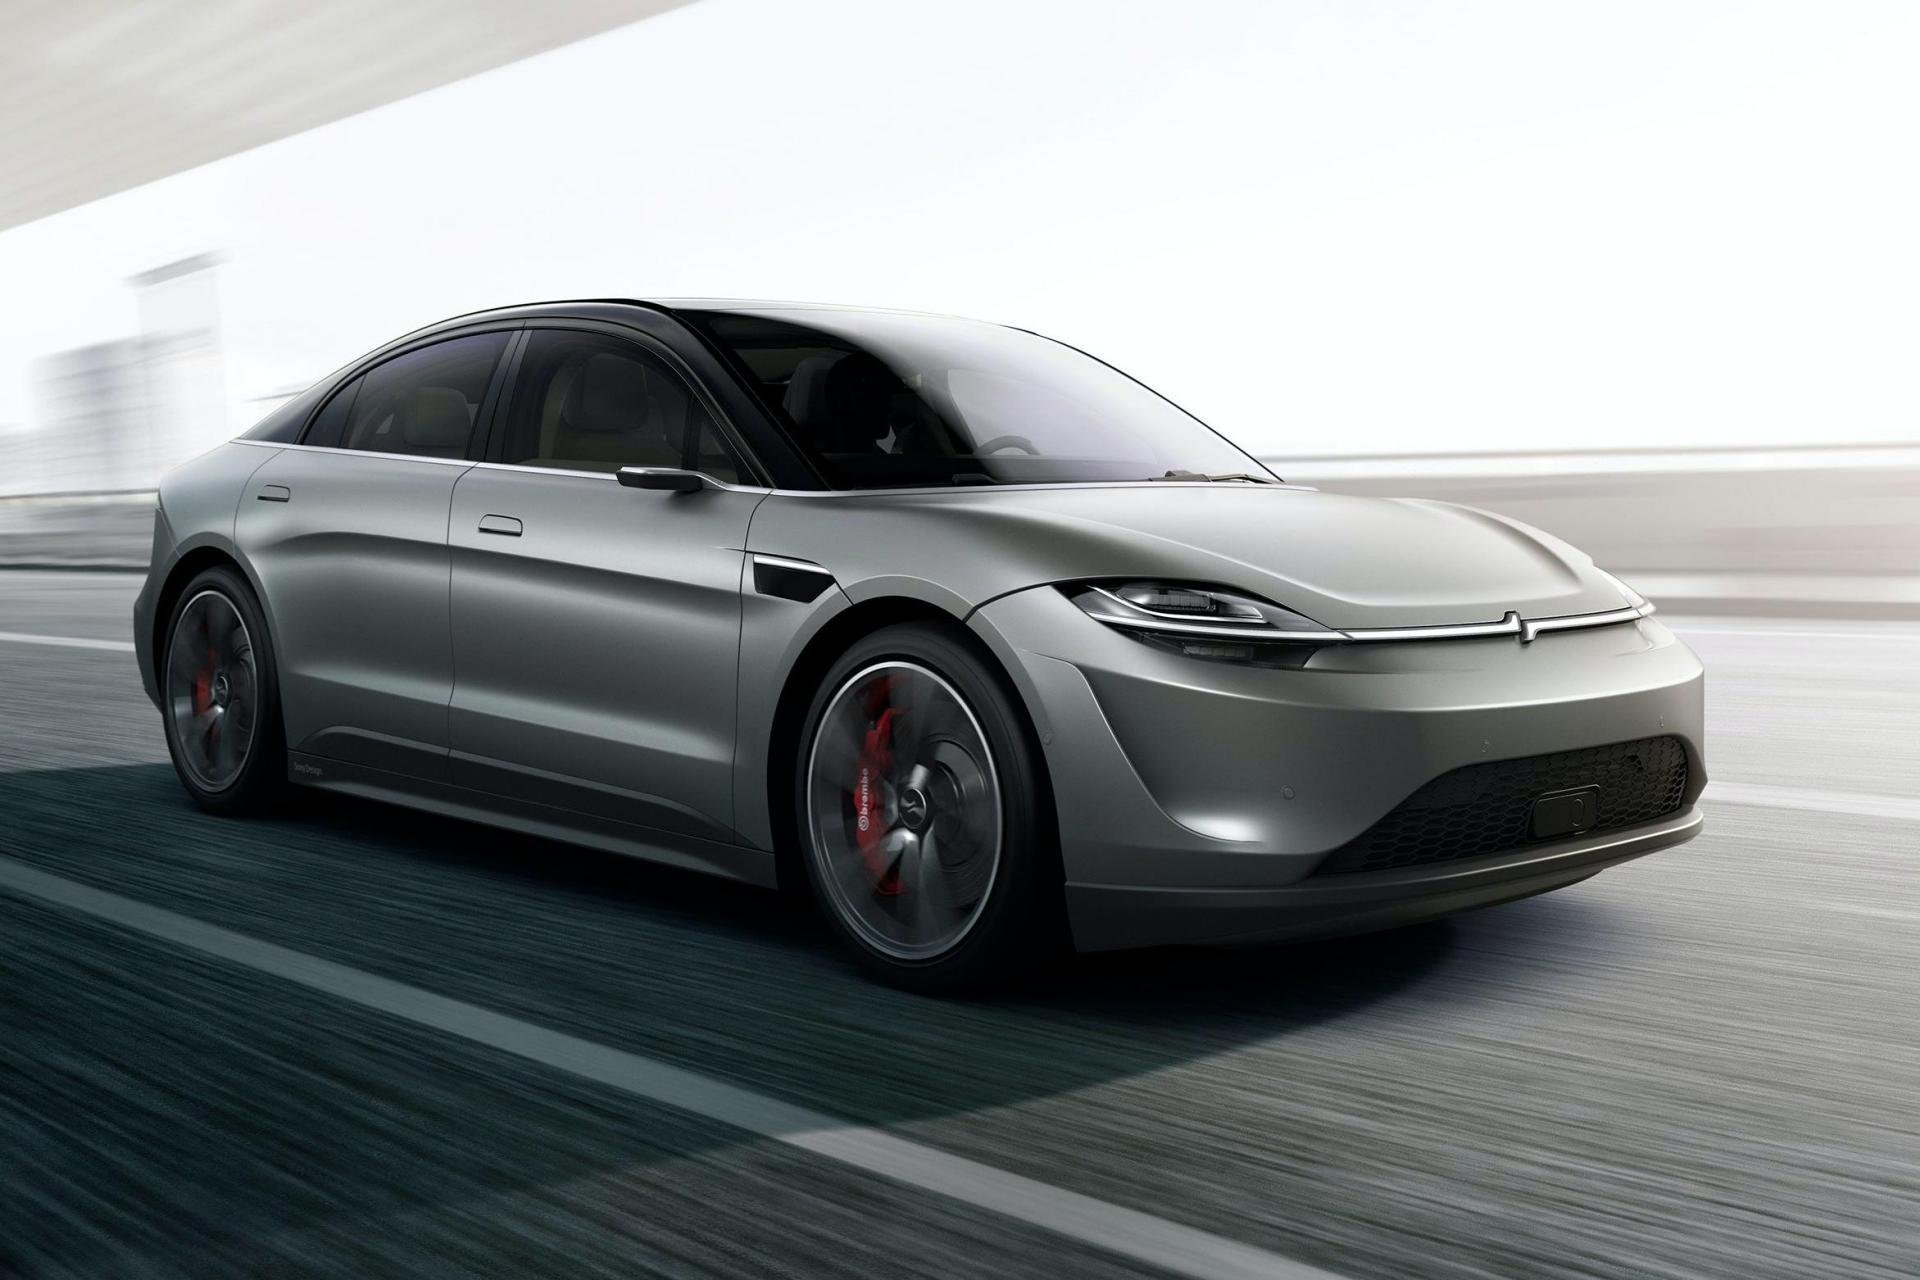 Sony bất ngờ ra mắt mẫu xe điện Vision-S tại CES 2020 - 1